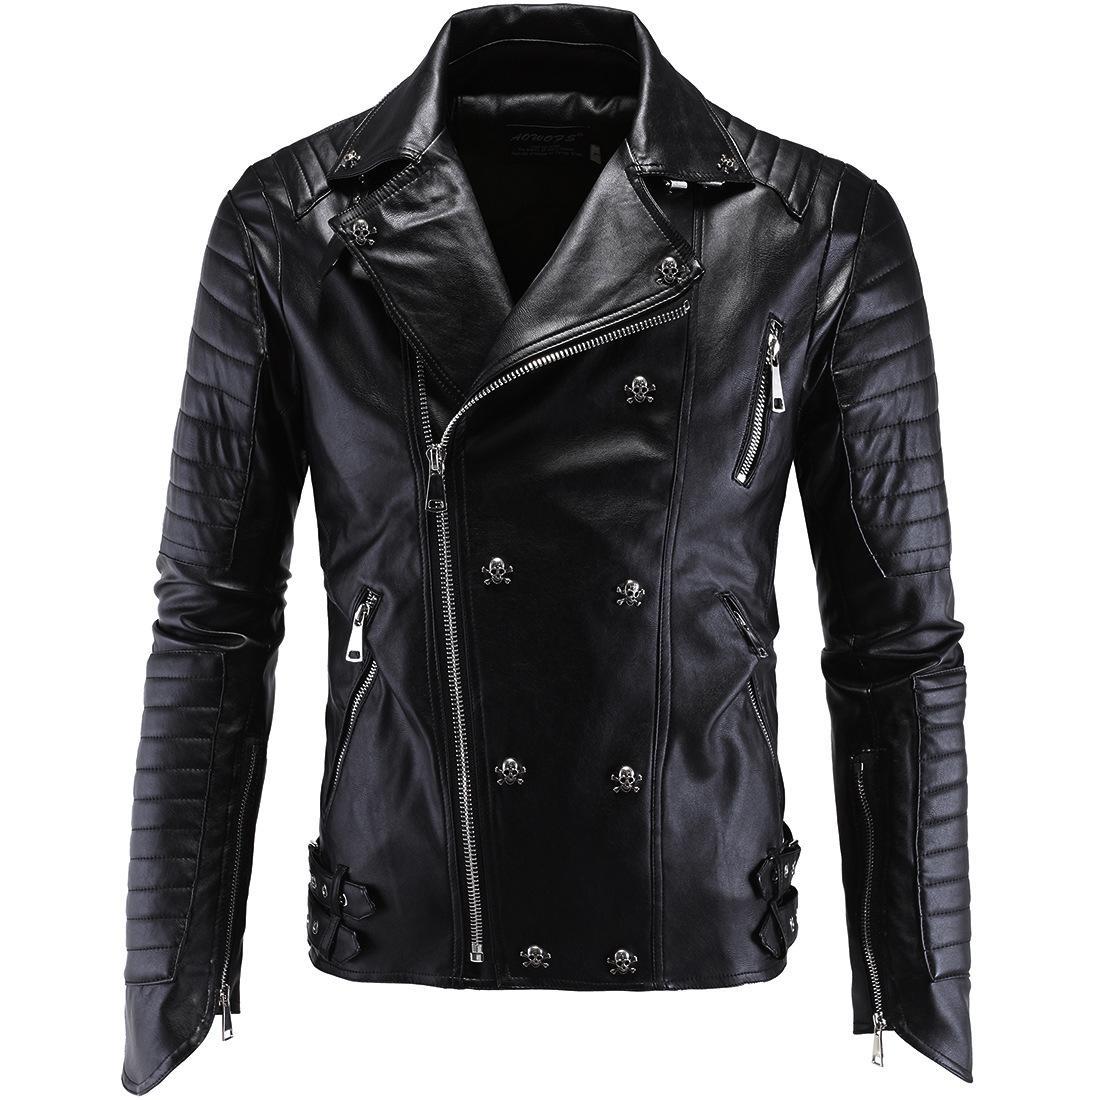 من المألوف الرجال معطف جلد الجمجمة دراجة نارية فاسق معطف جودة عالية والجلود سترة الملبس الشتاء الأسود للإنسان